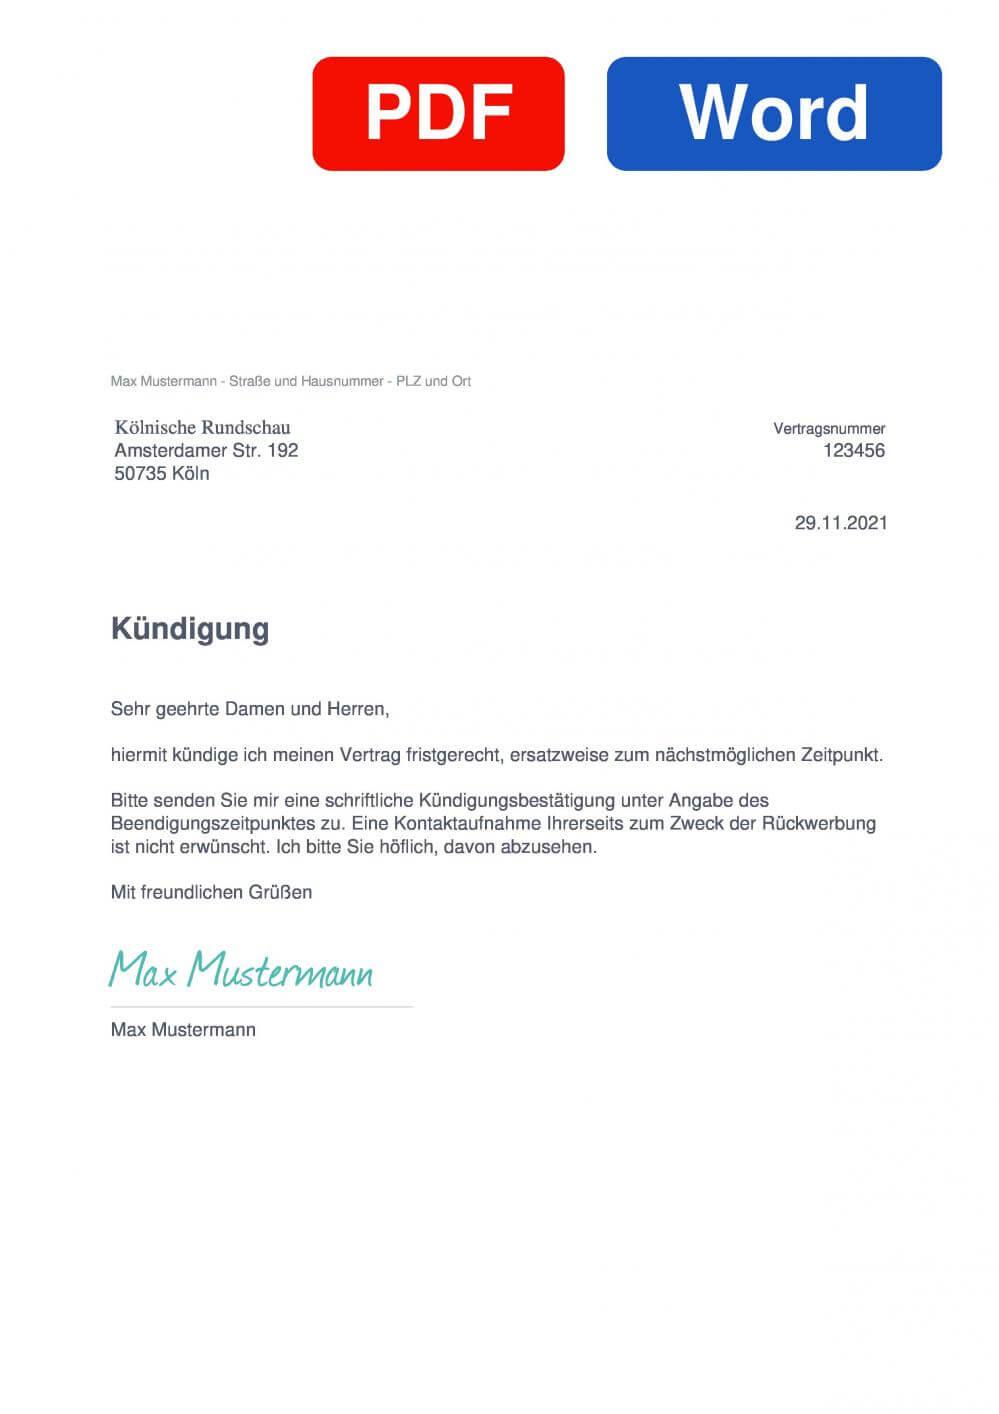 Kölnische Rundschau Muster Vorlage für Kündigungsschreiben